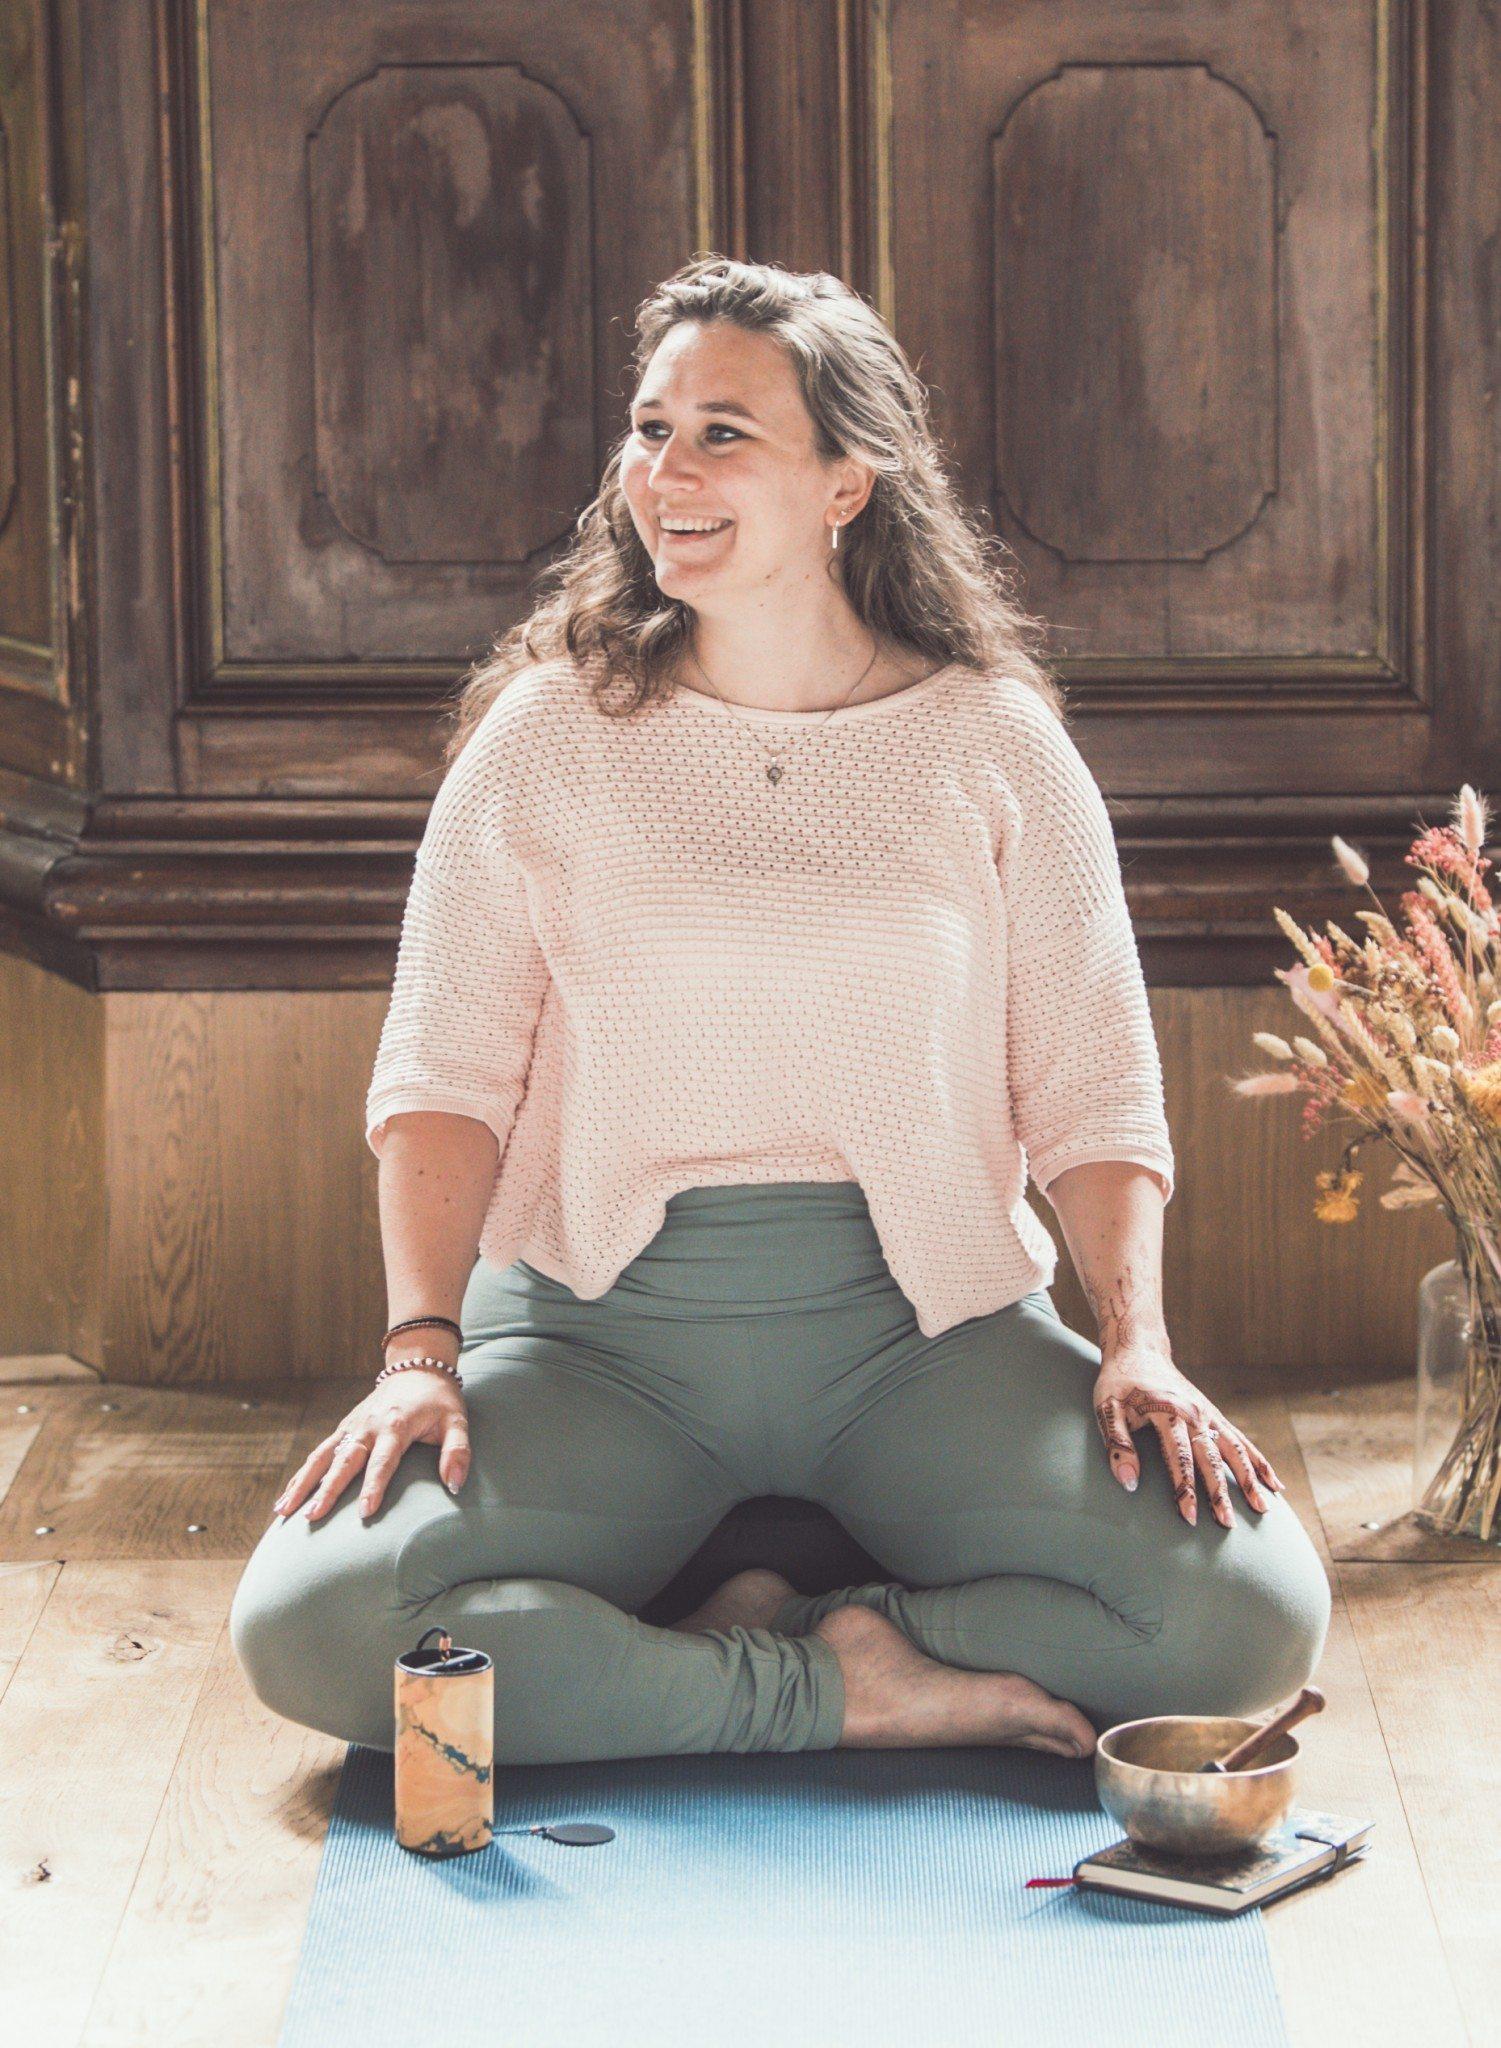 Hoe iRest yoga nidra je kan helpen bij intuïtief eten, met Rebecca